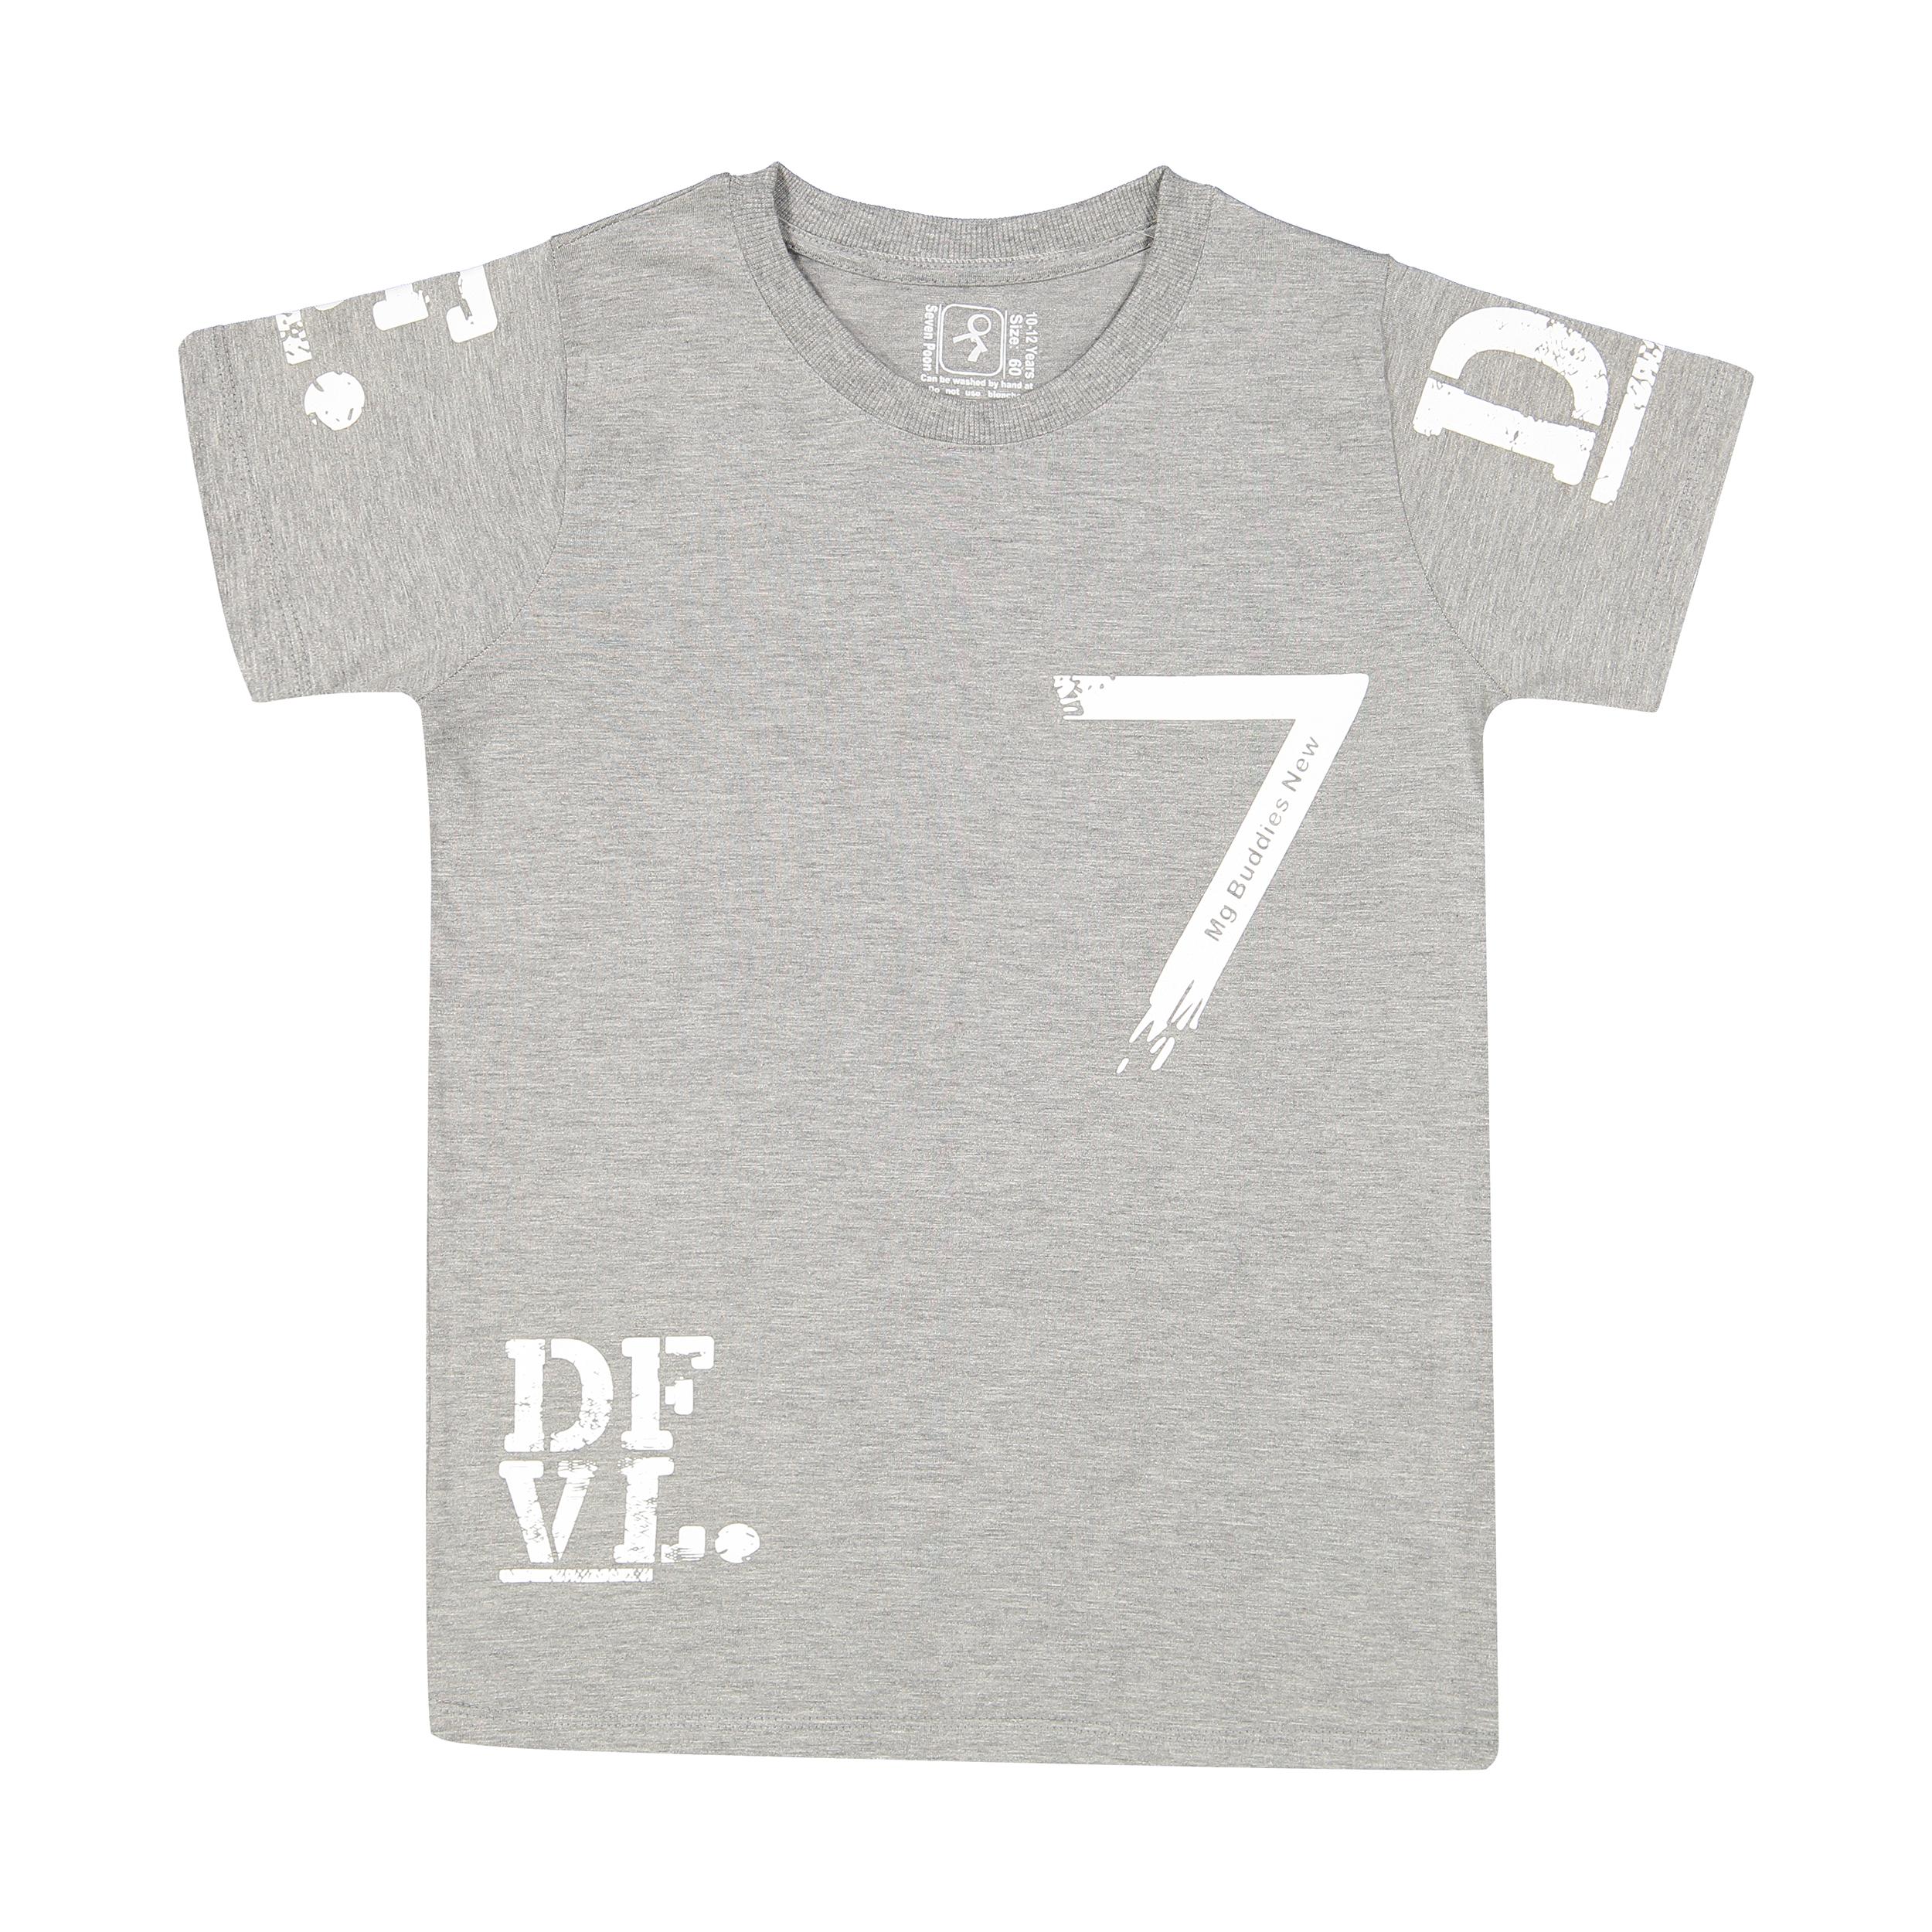 تی شرت پسرانه سون پون مدل 1391303-90